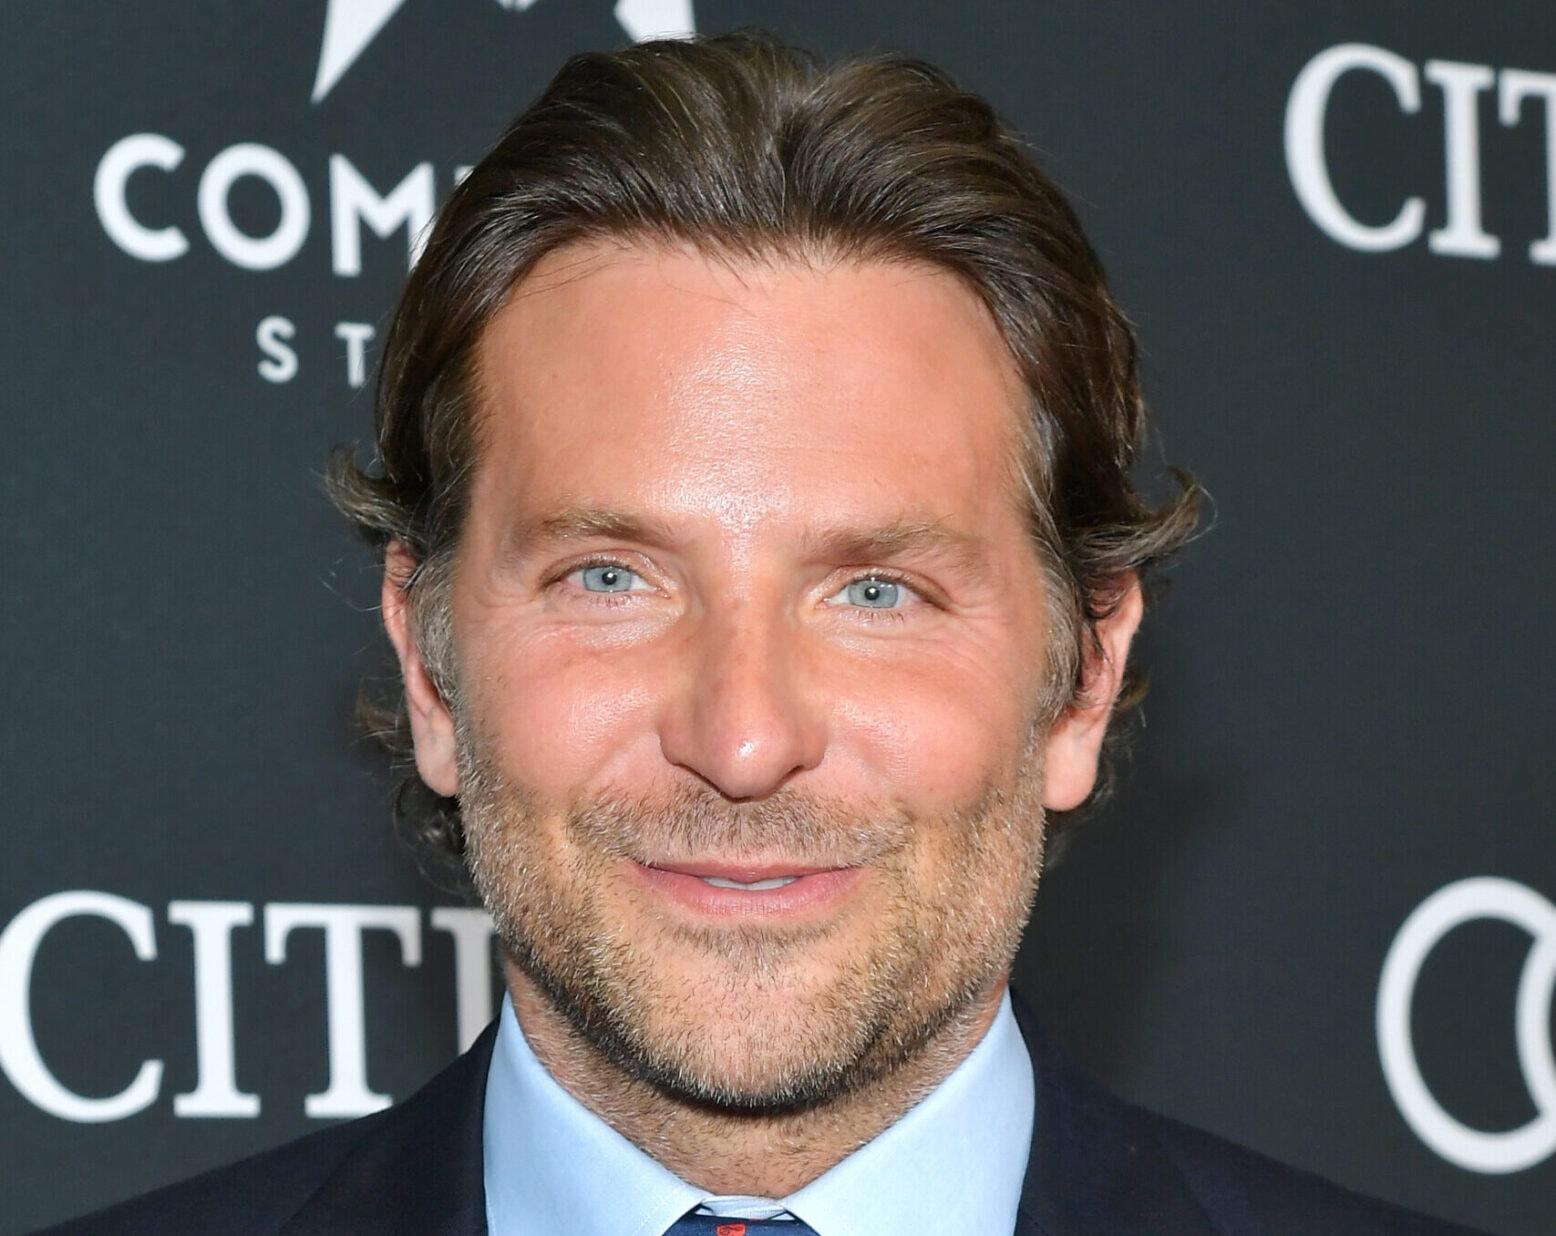 Bradley Cooper Is Barbara Streisand's Boyfriend in 'Licorice Pizza' Trailer - wmgk.com